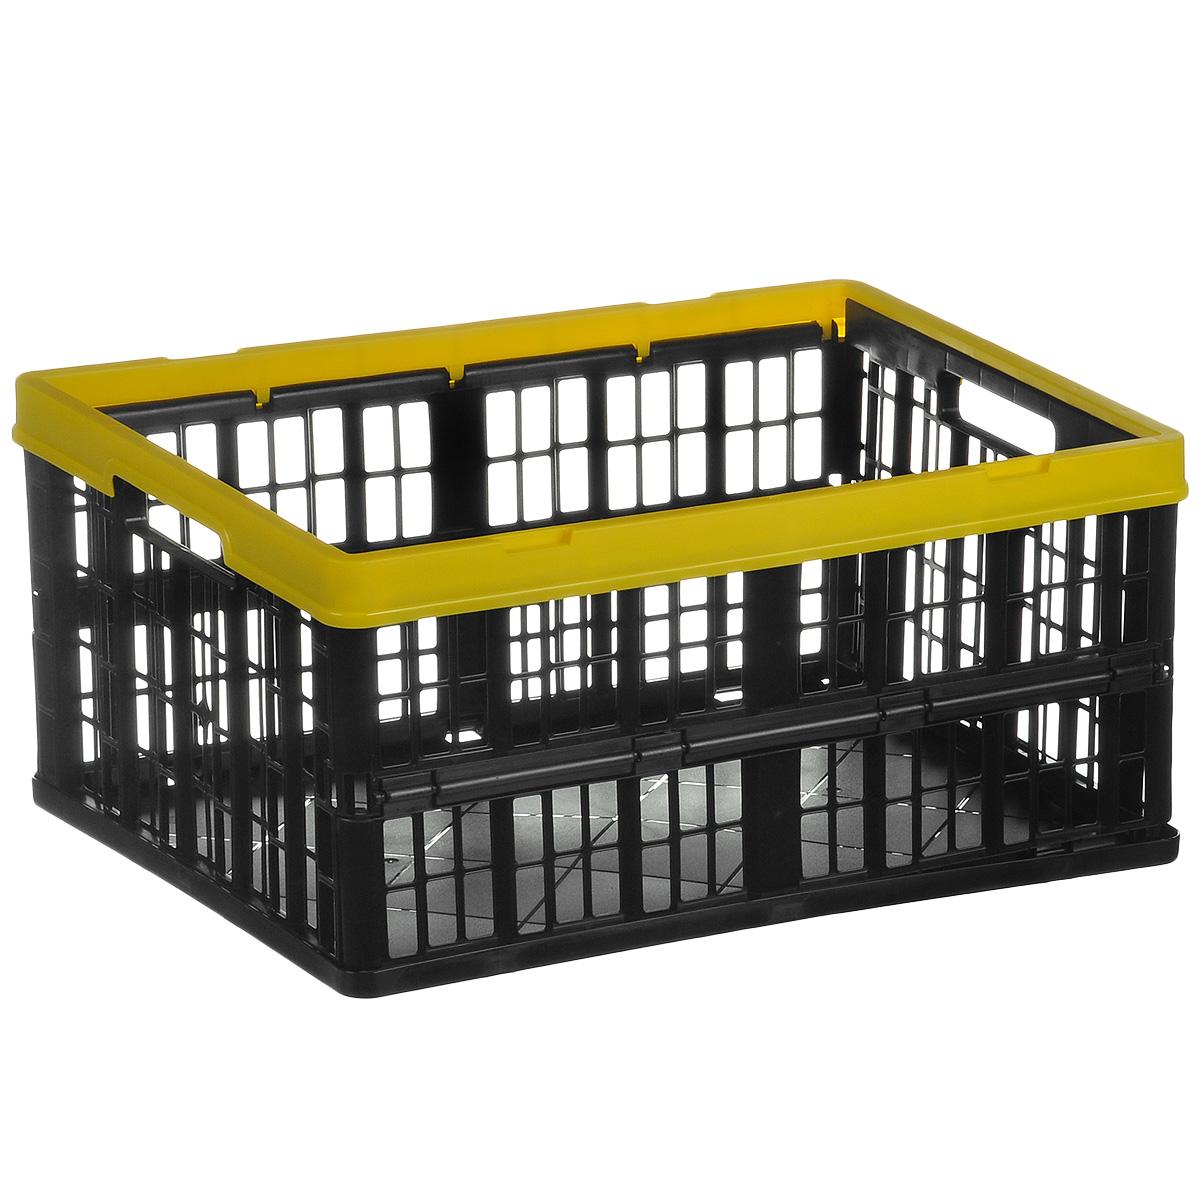 Ящик складной Бытпласт, с перфорированными стенками, 48 см х 35 см х 23 смС12282Складной ящик Бытпласт выполнен из пластика и предназначен для хранения различных предметов. Ящик оснащен перфорированными стенками. Он быстро складывается и раскладывается. В сложенном виде занимает минимум места. Очень удобный и вместительный, такой ящик будет очень полезен для хранения вещей или продуктов. Размер в сложенном виде: 48 см x 35 см x 5,5 см; Размер в разложенном виде: 48 см х 35 см х 23 см.